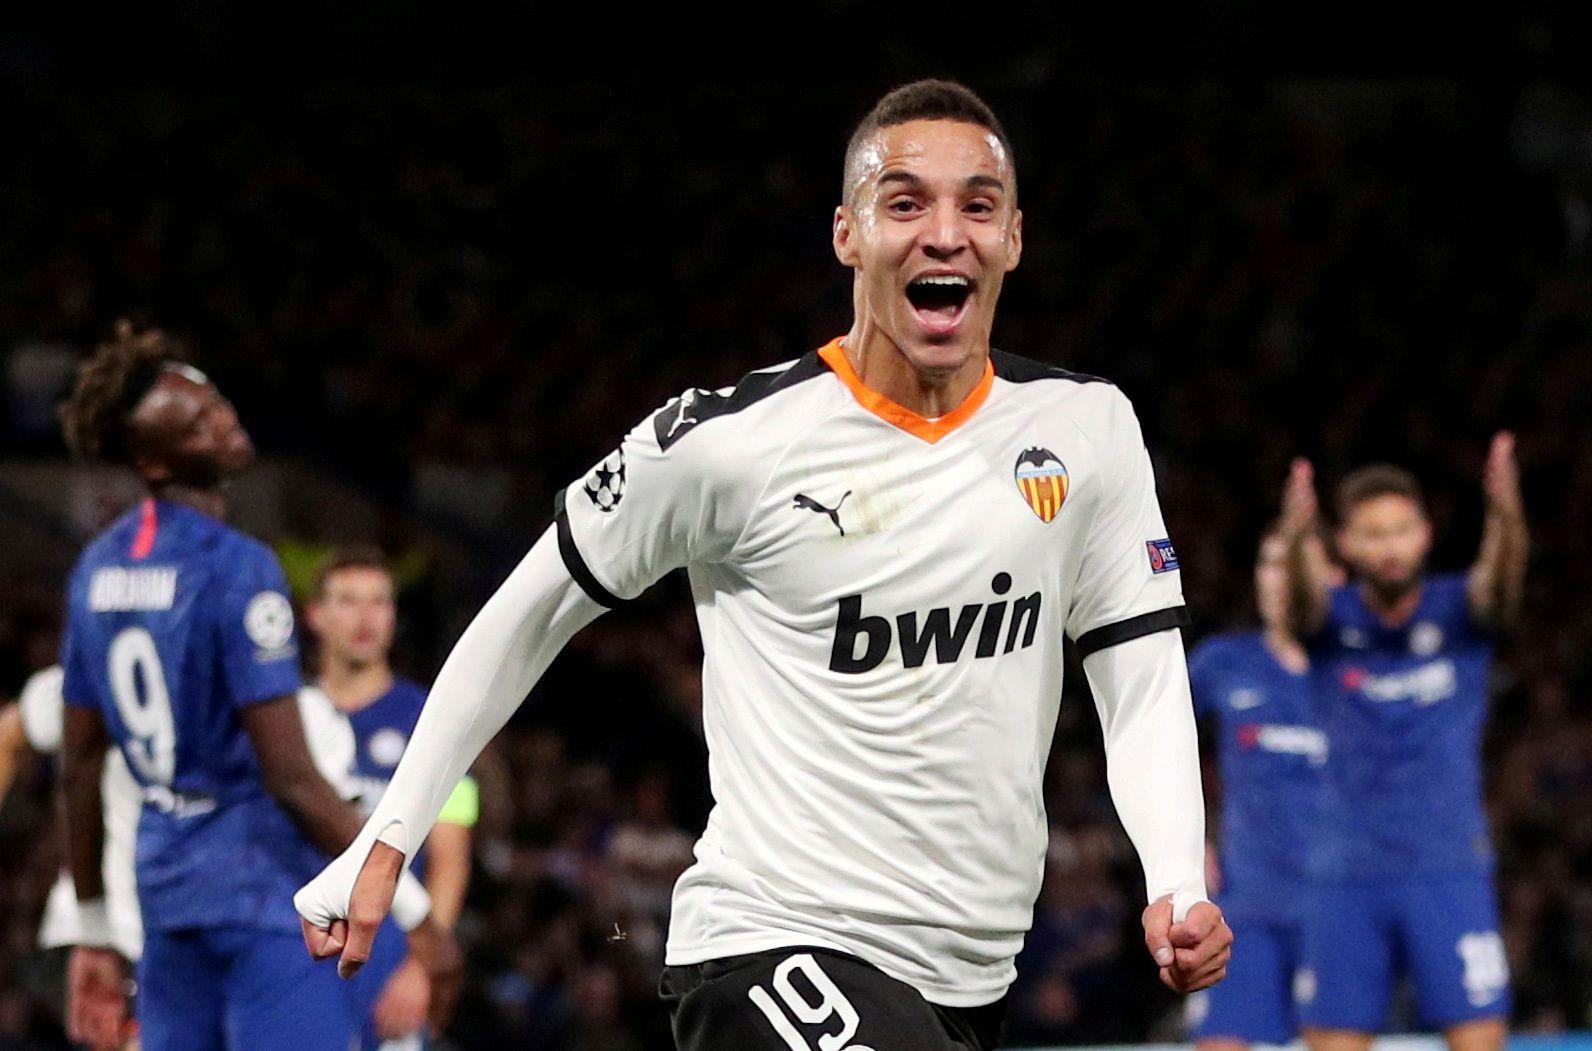 Rodrigo anotó 59 goles en 220 partidos con la camiseta del Valencia (REUTERS/Hannah McKay)